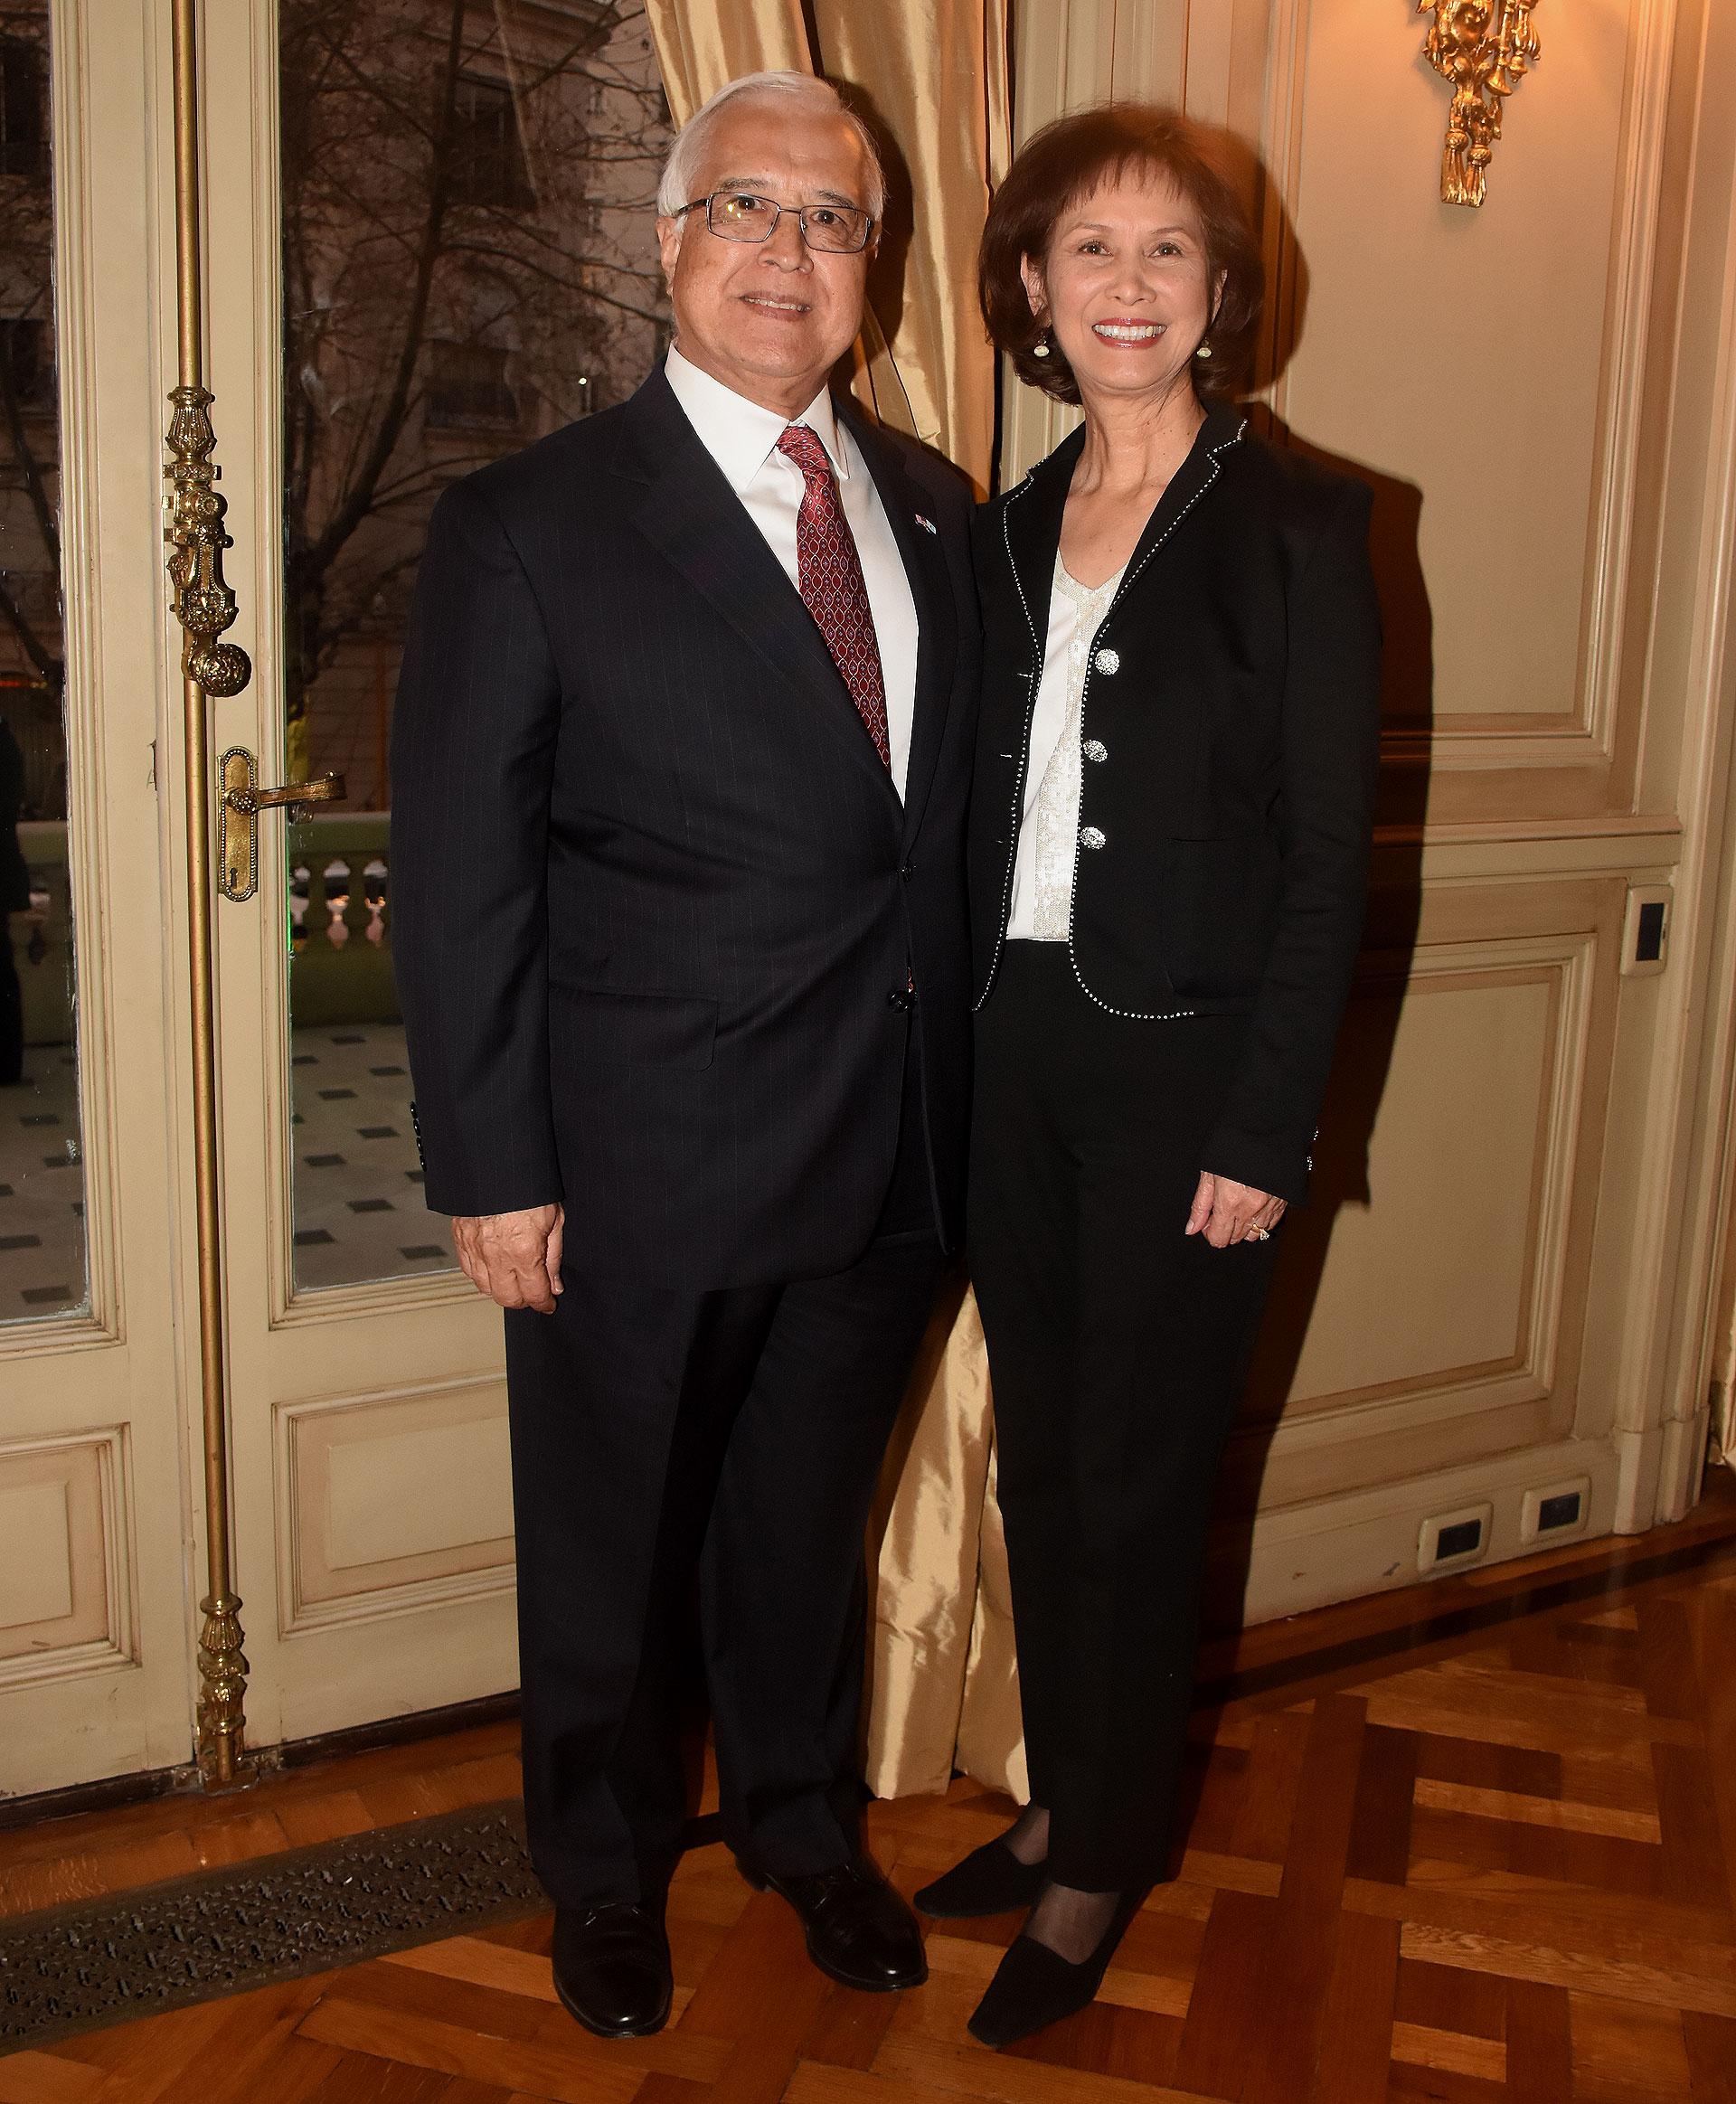 El embajador de los Estados Unidos en la Argentina, Edward C. Prado, y su mujer María